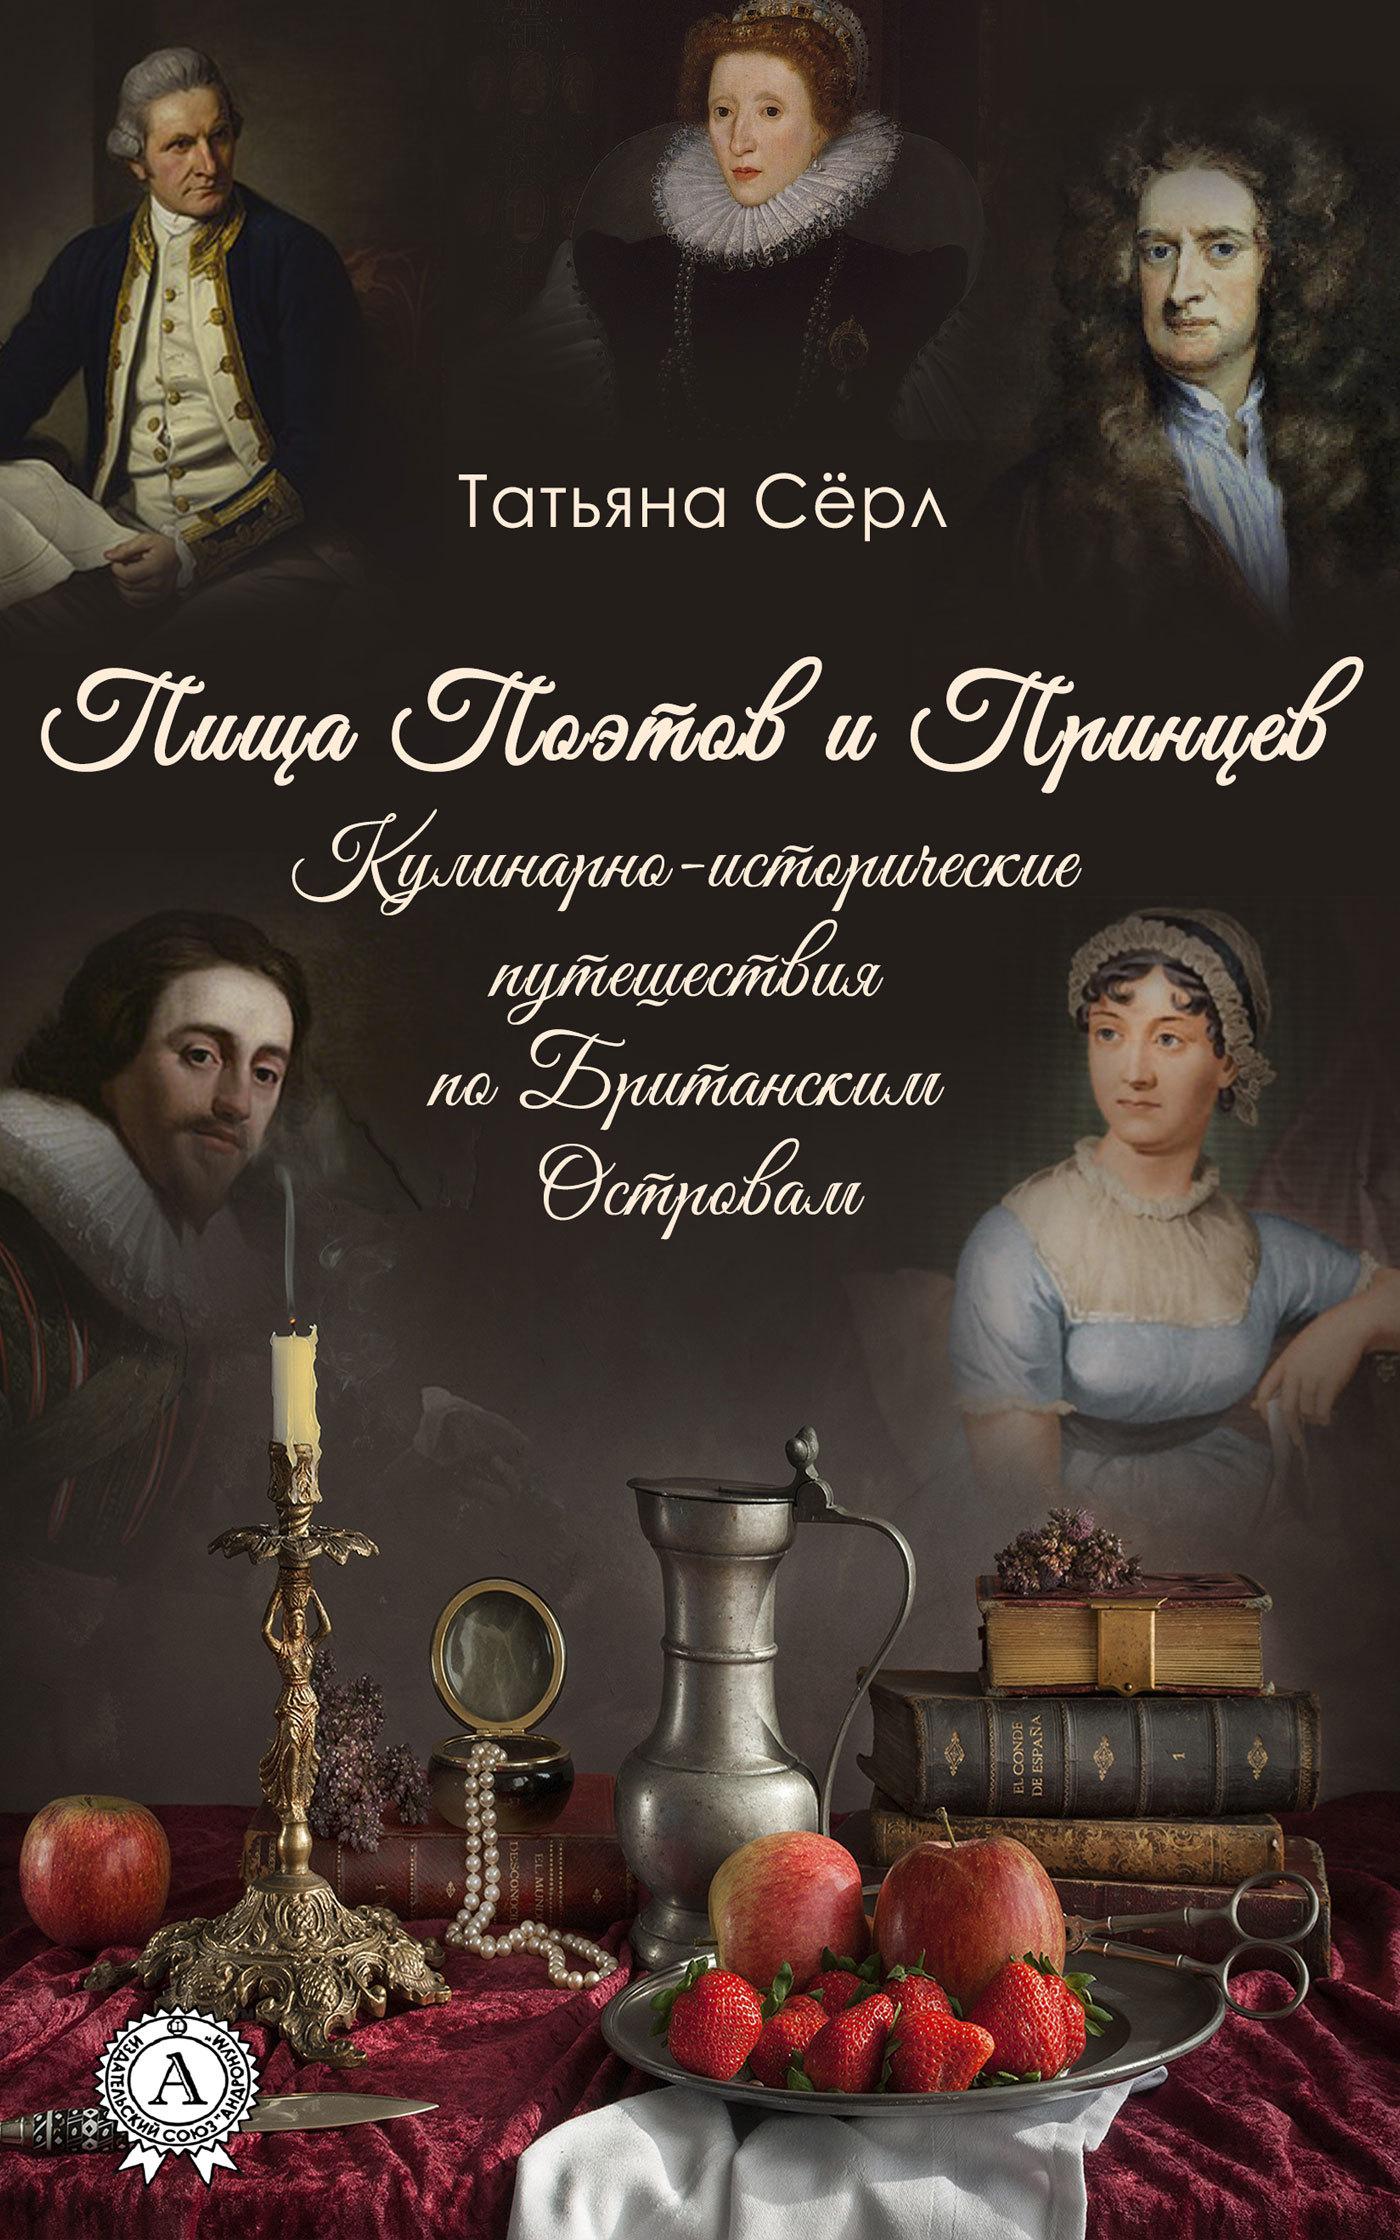 Татьяна Сёрл - Пища Поэтов и Принцев